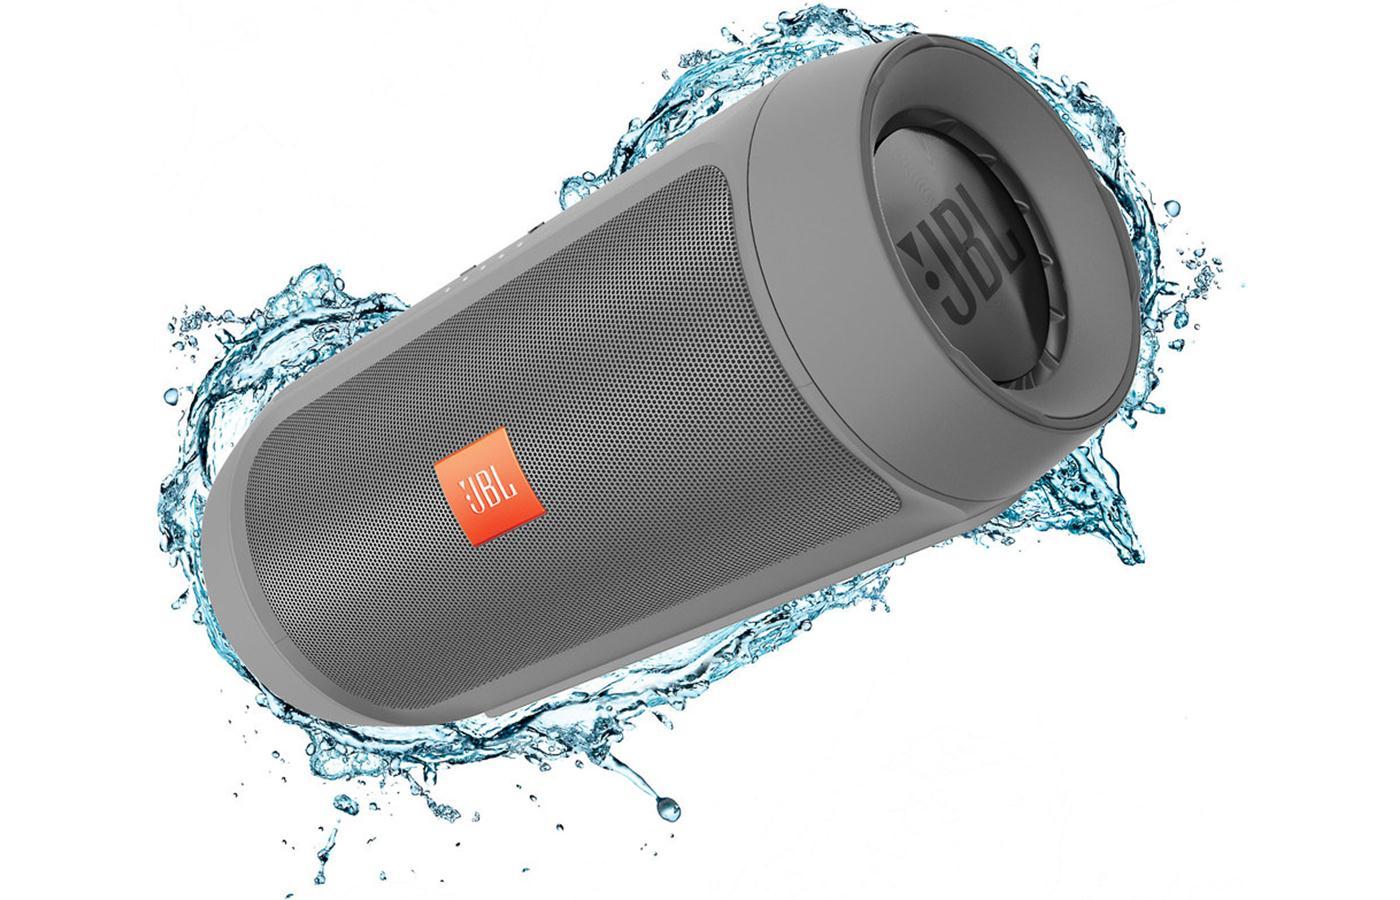 JBL Charge 2+ ลำโพงพกพากันน้ำได้ พลังเสียงเบสอิ่ม แน่น กระหึ่ม (Grey) แถมกระเป๋าฟรี 1 ใบ